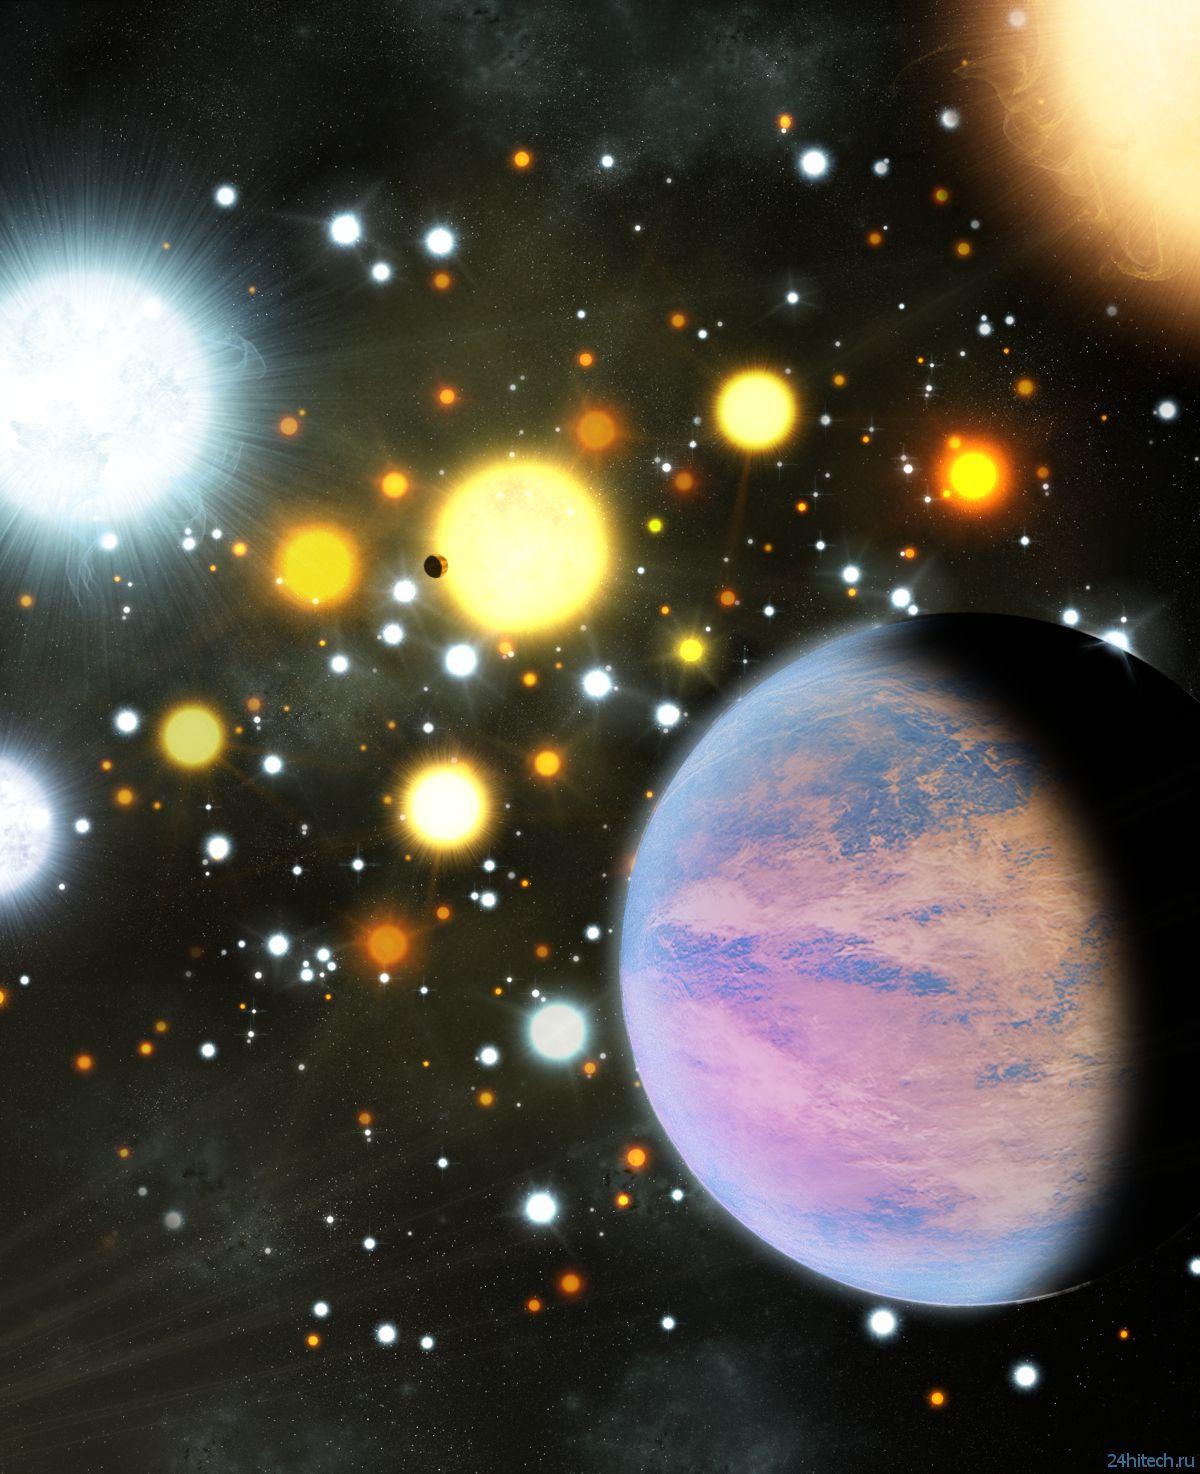 Старое звездное скопление скрывает важные секреты